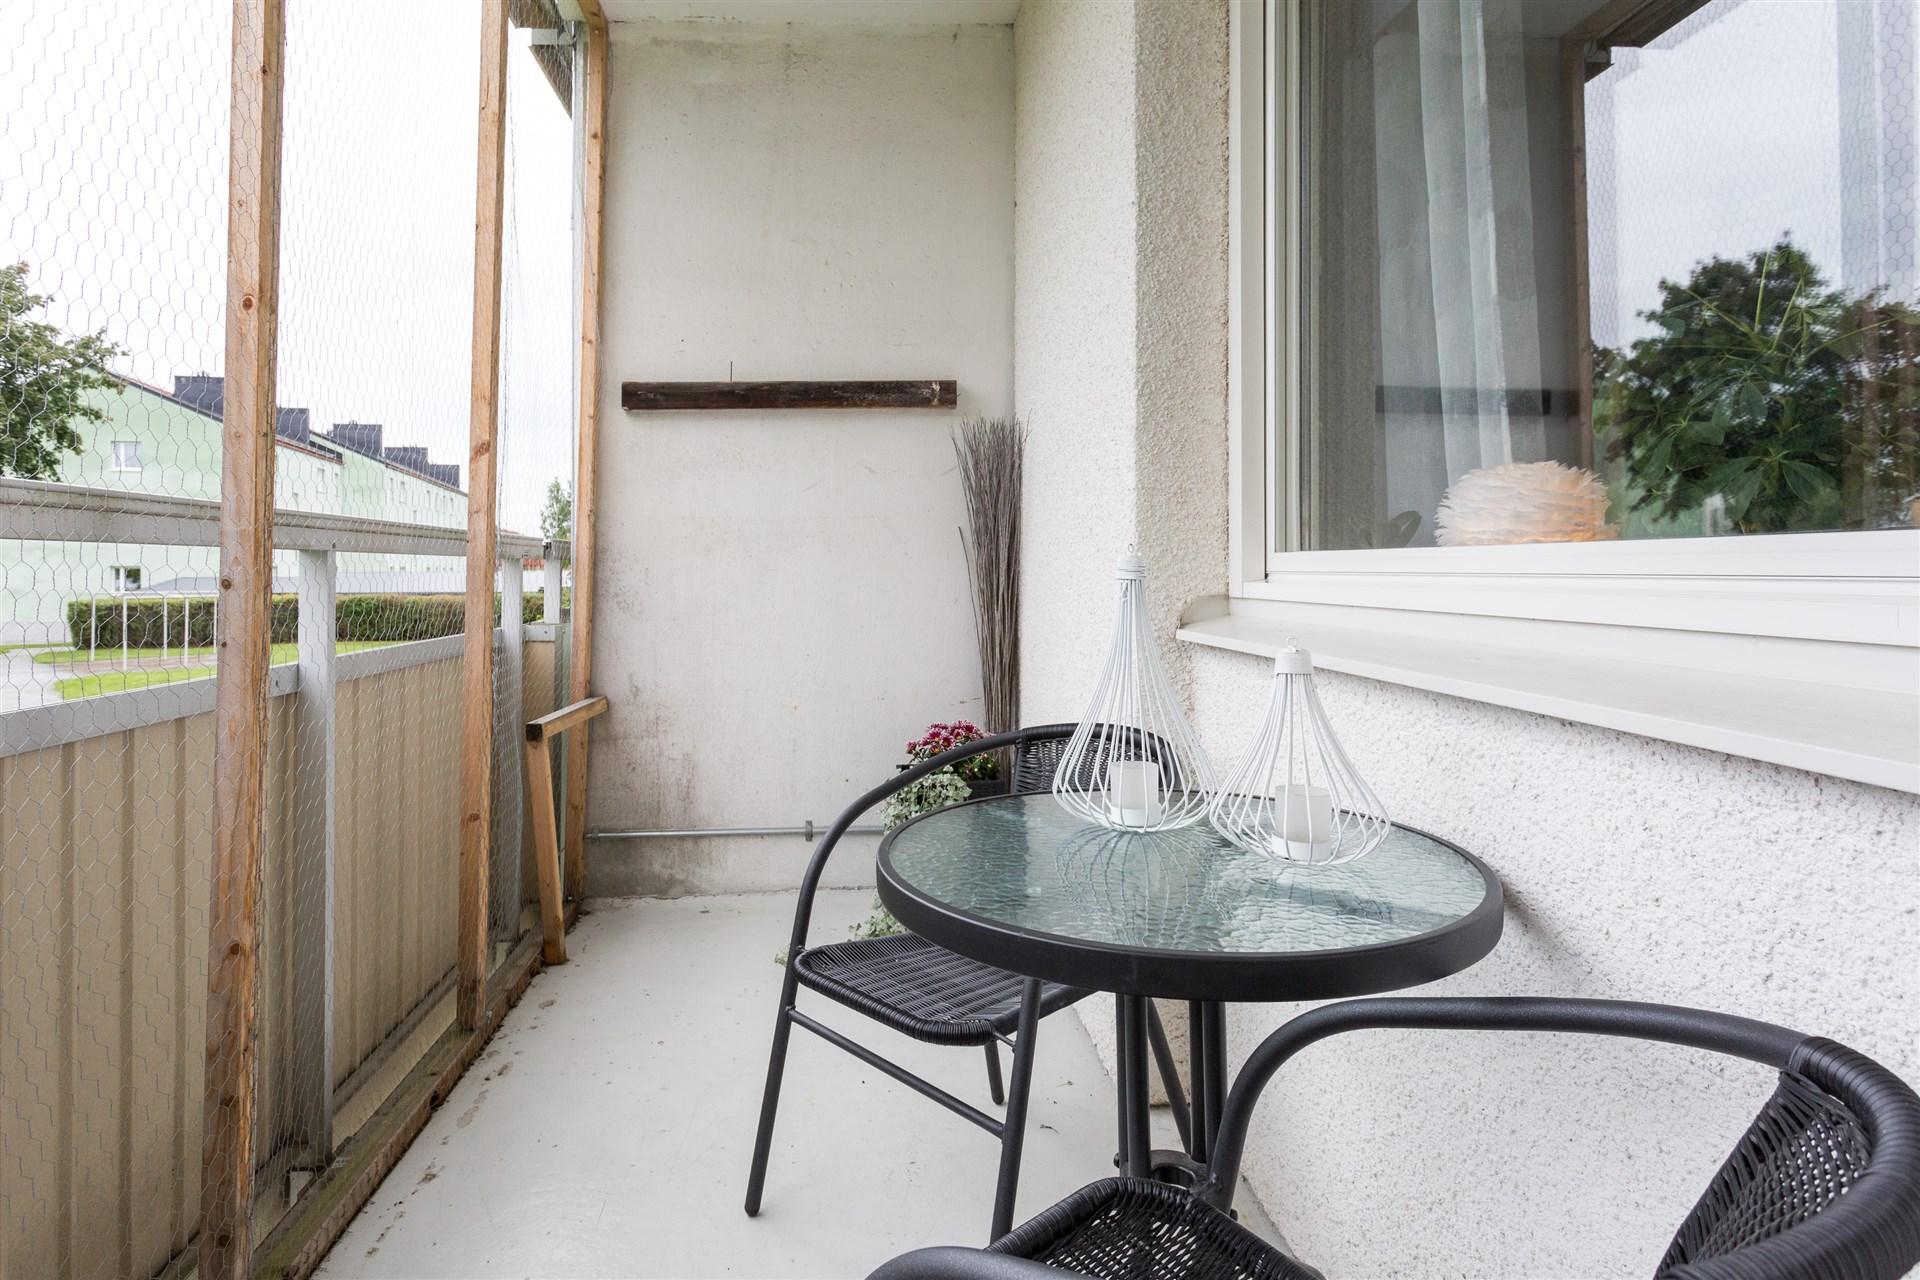 Balkong med utsikt mot grönområde på baksidan.